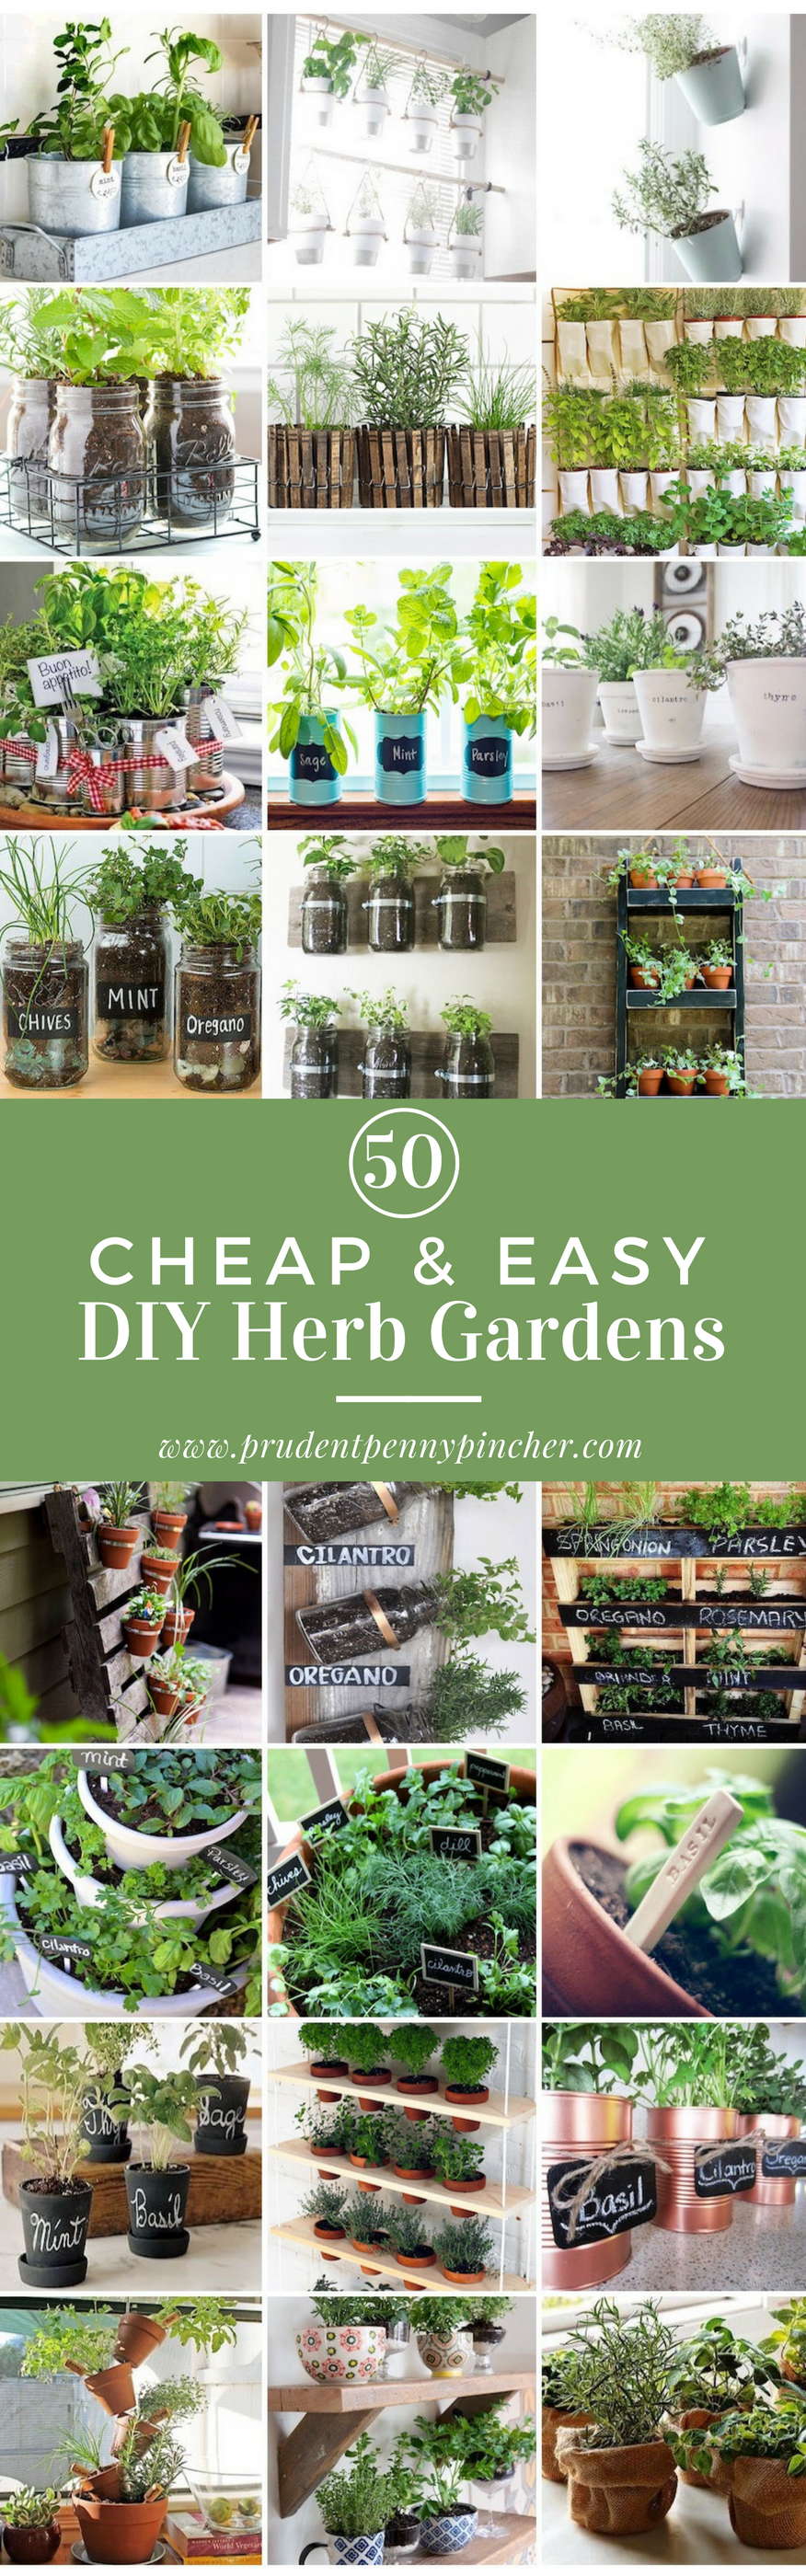 50 Cheap and Easy DIY Herb Garden Ideas #smallgardenideas